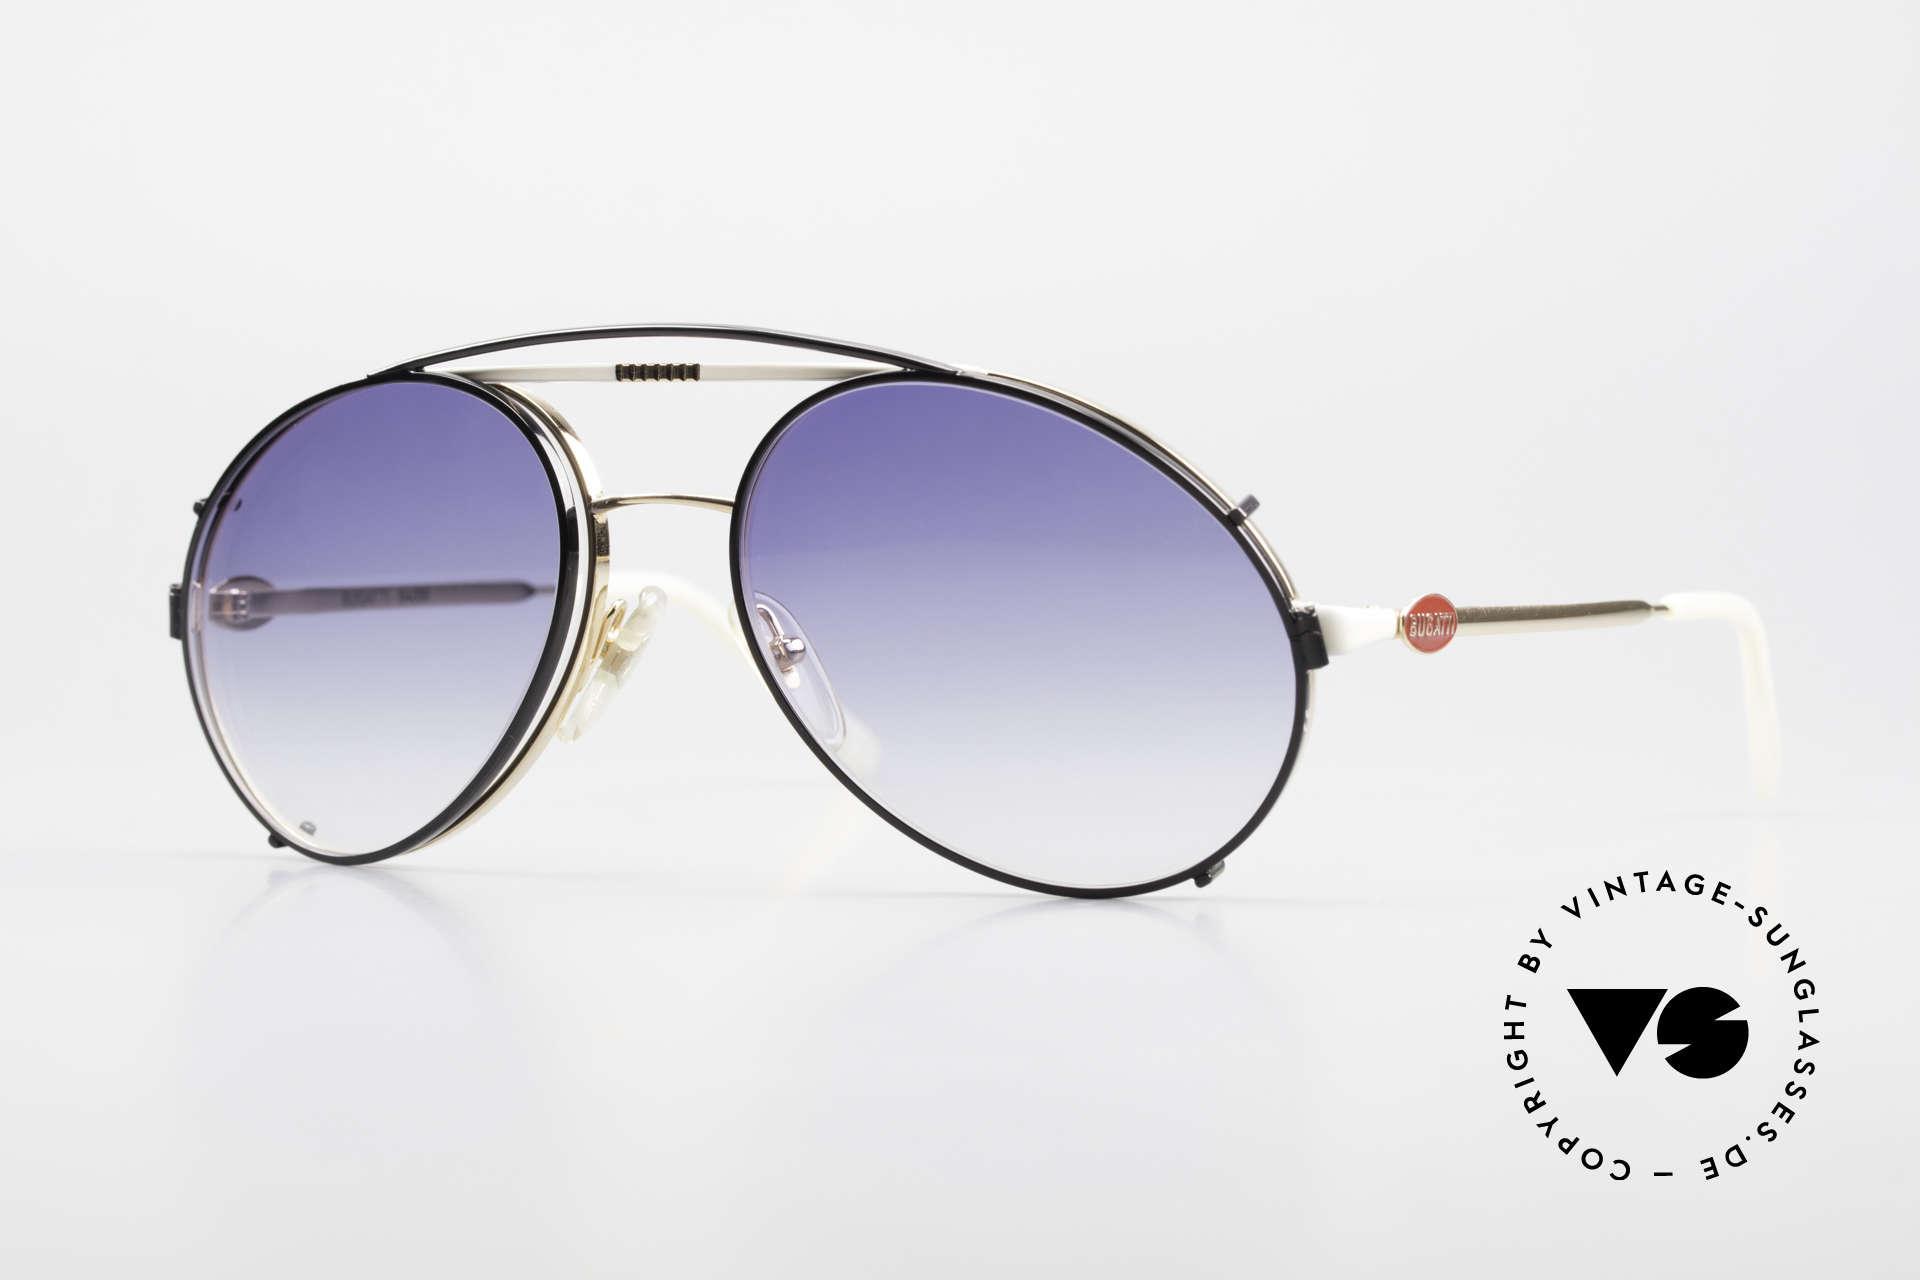 Bugatti 64319 80's Sunglasses With Clip On, rare vintage designer sunglasses by Bugatti, Made for Men